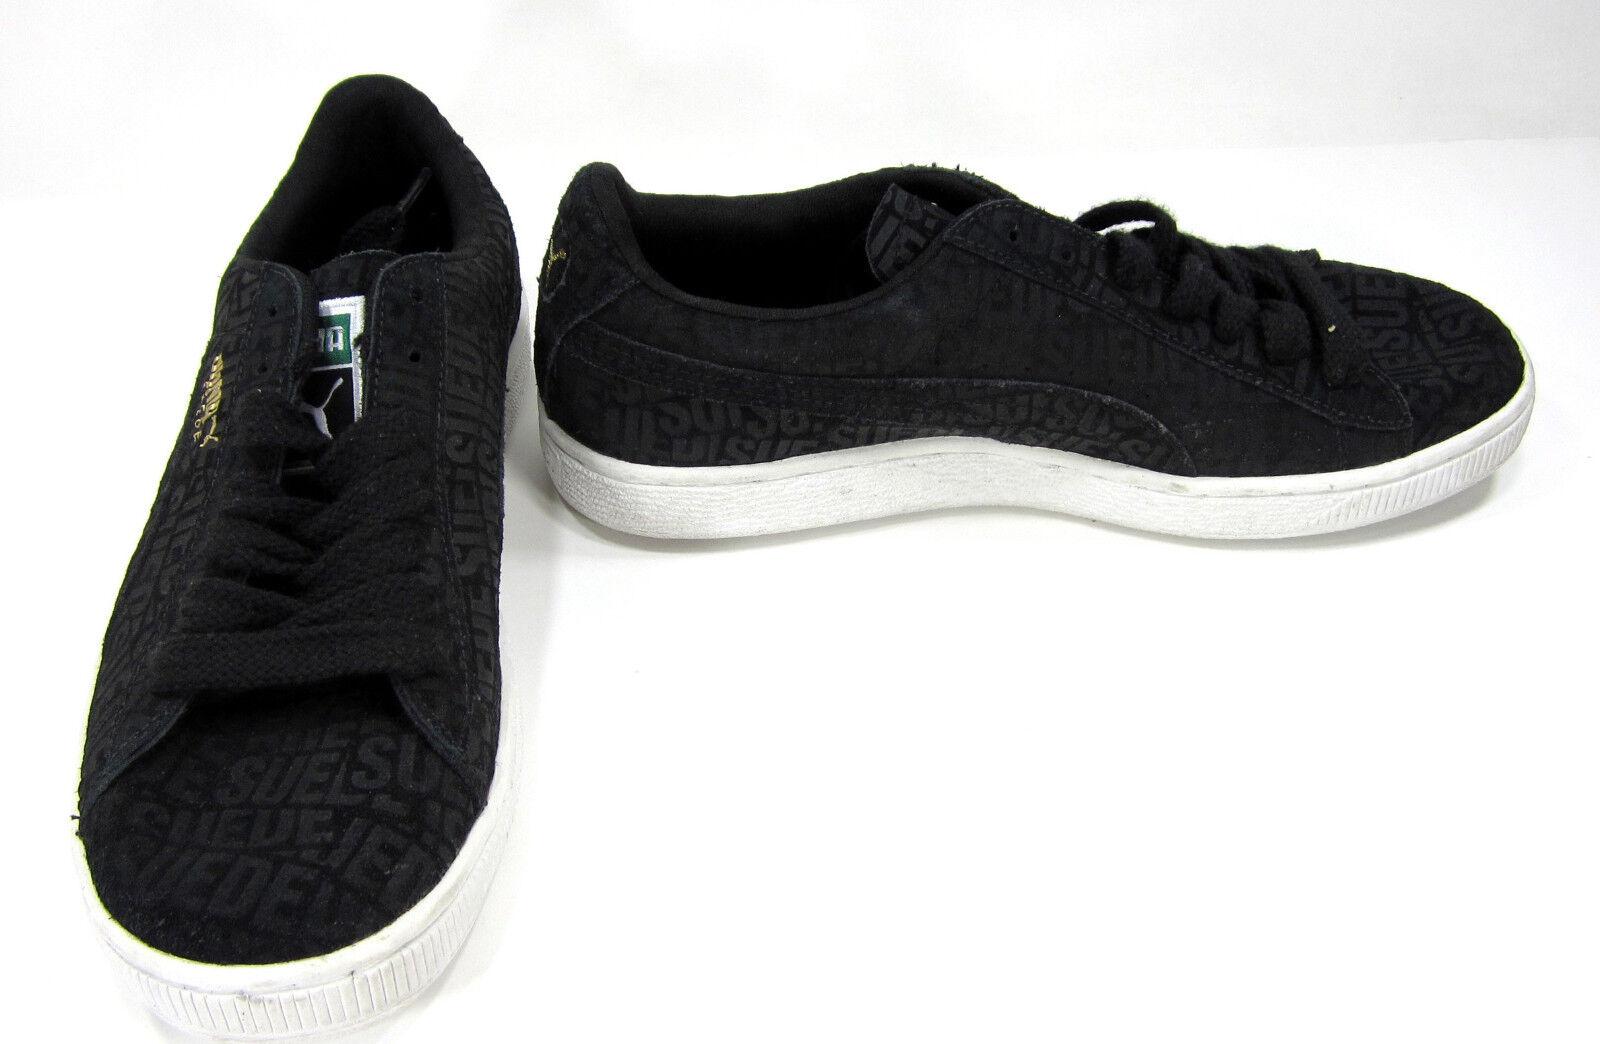 Puma Zapatos Gamuza Clásico repetir lo Zapatillas Negro blancoo